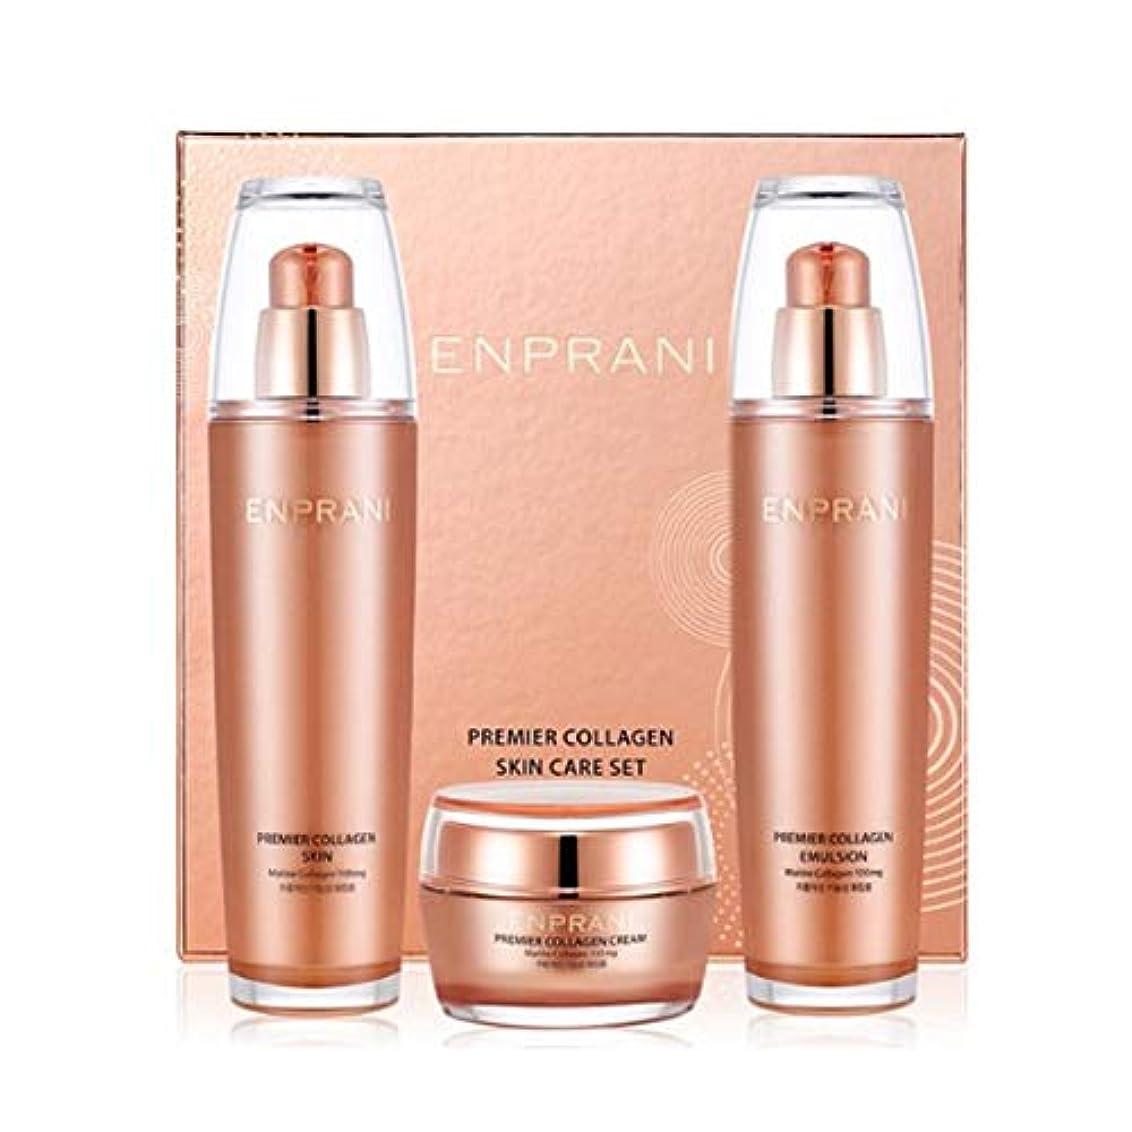 断片予測子影響力のあるエンプラニ?プレミアコラーゲンセット(スキン125ml、エマルジョン125ml、クリーム50ml)、Enprani Premier Collagen Set (Skin、Emulsion、Cream) [並行輸入品]